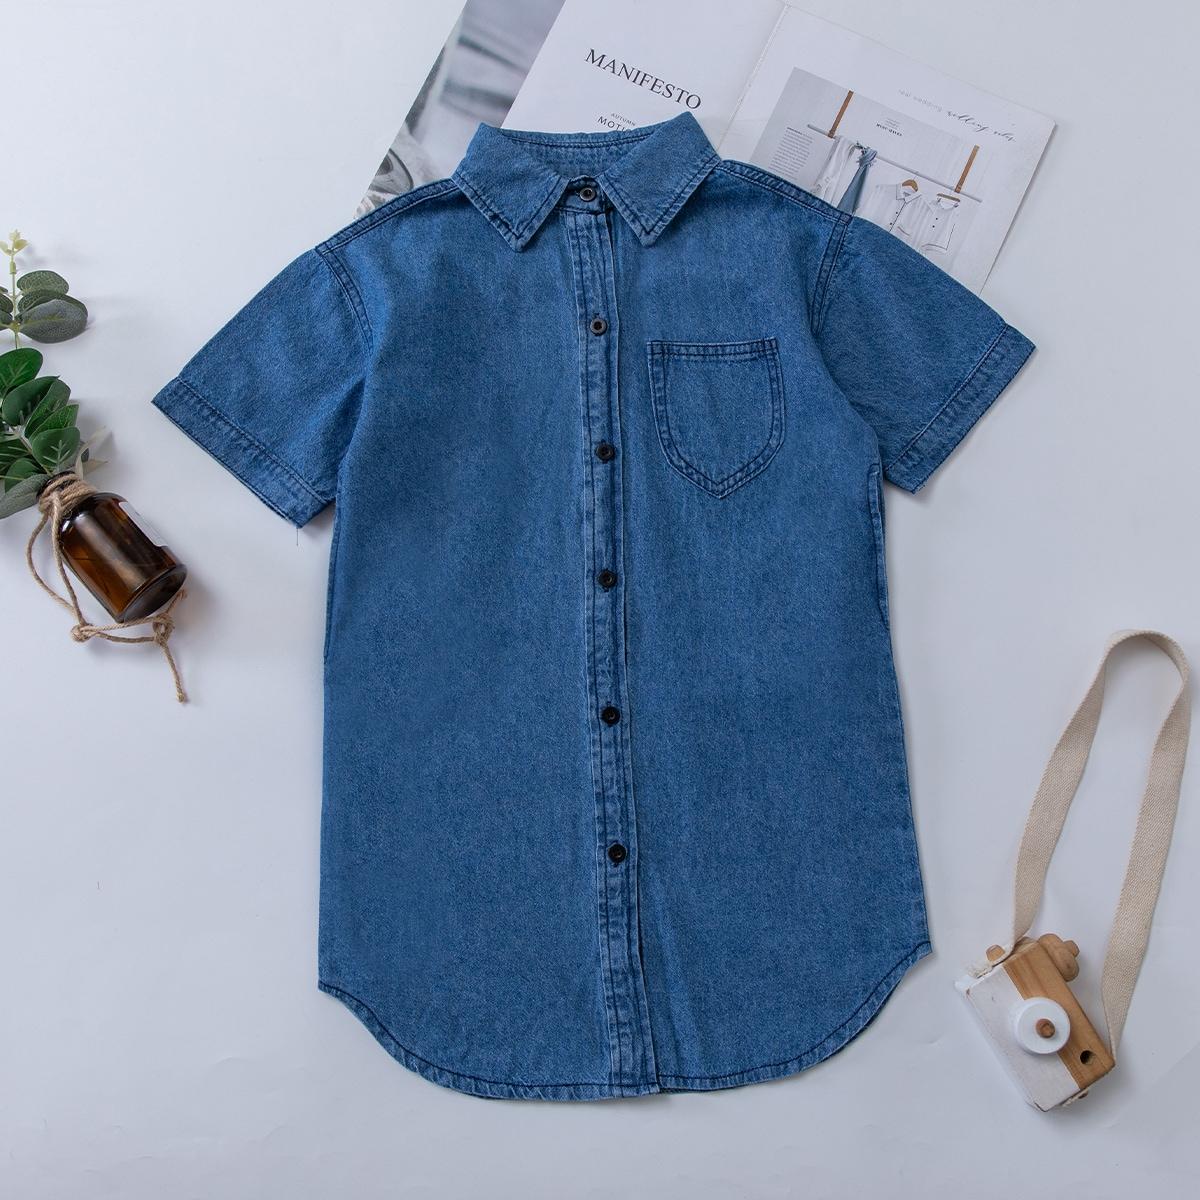 Джинсовое платье с карманом и пуговицами для девочек SheIn skdress25210329993